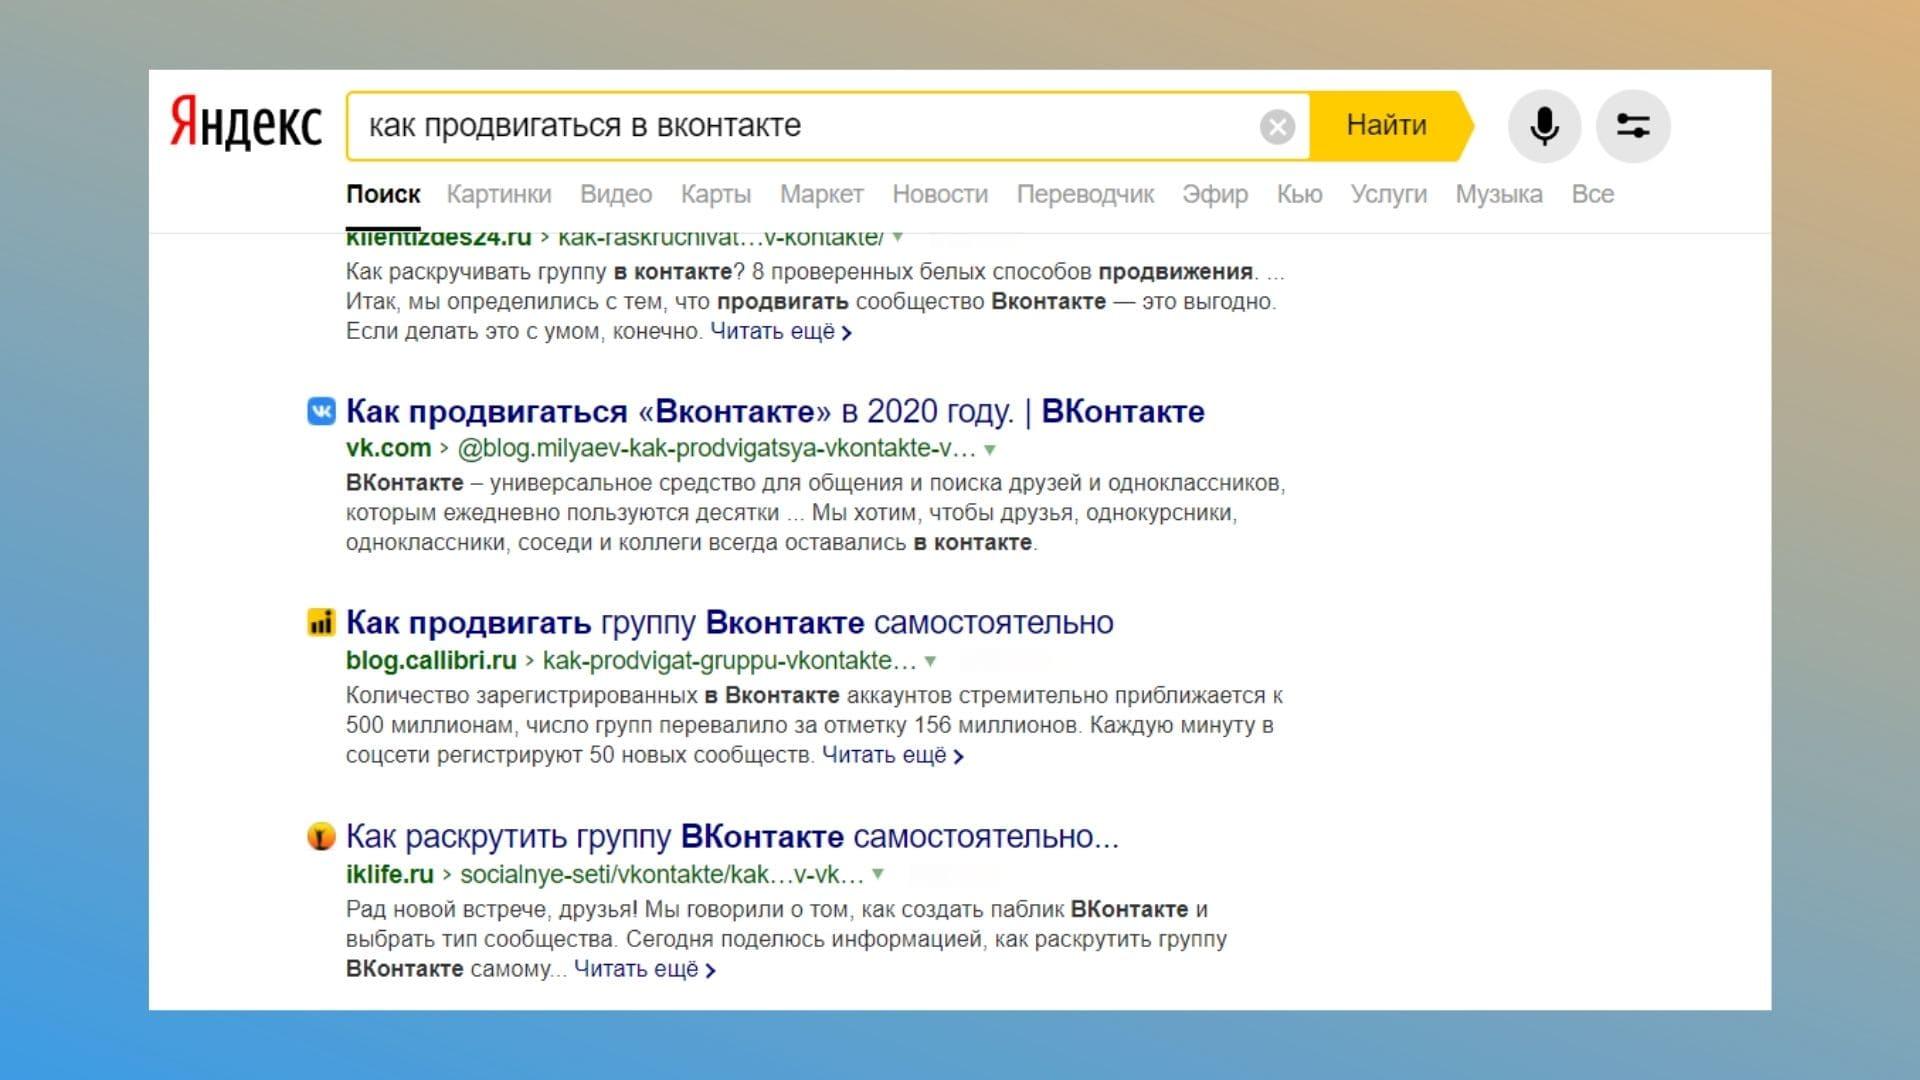 Ссылка на статью в ВКонтакте находится на первой странице поисковый выдачи – это потенциальный трафик, который можно конвертировать в подписчиков